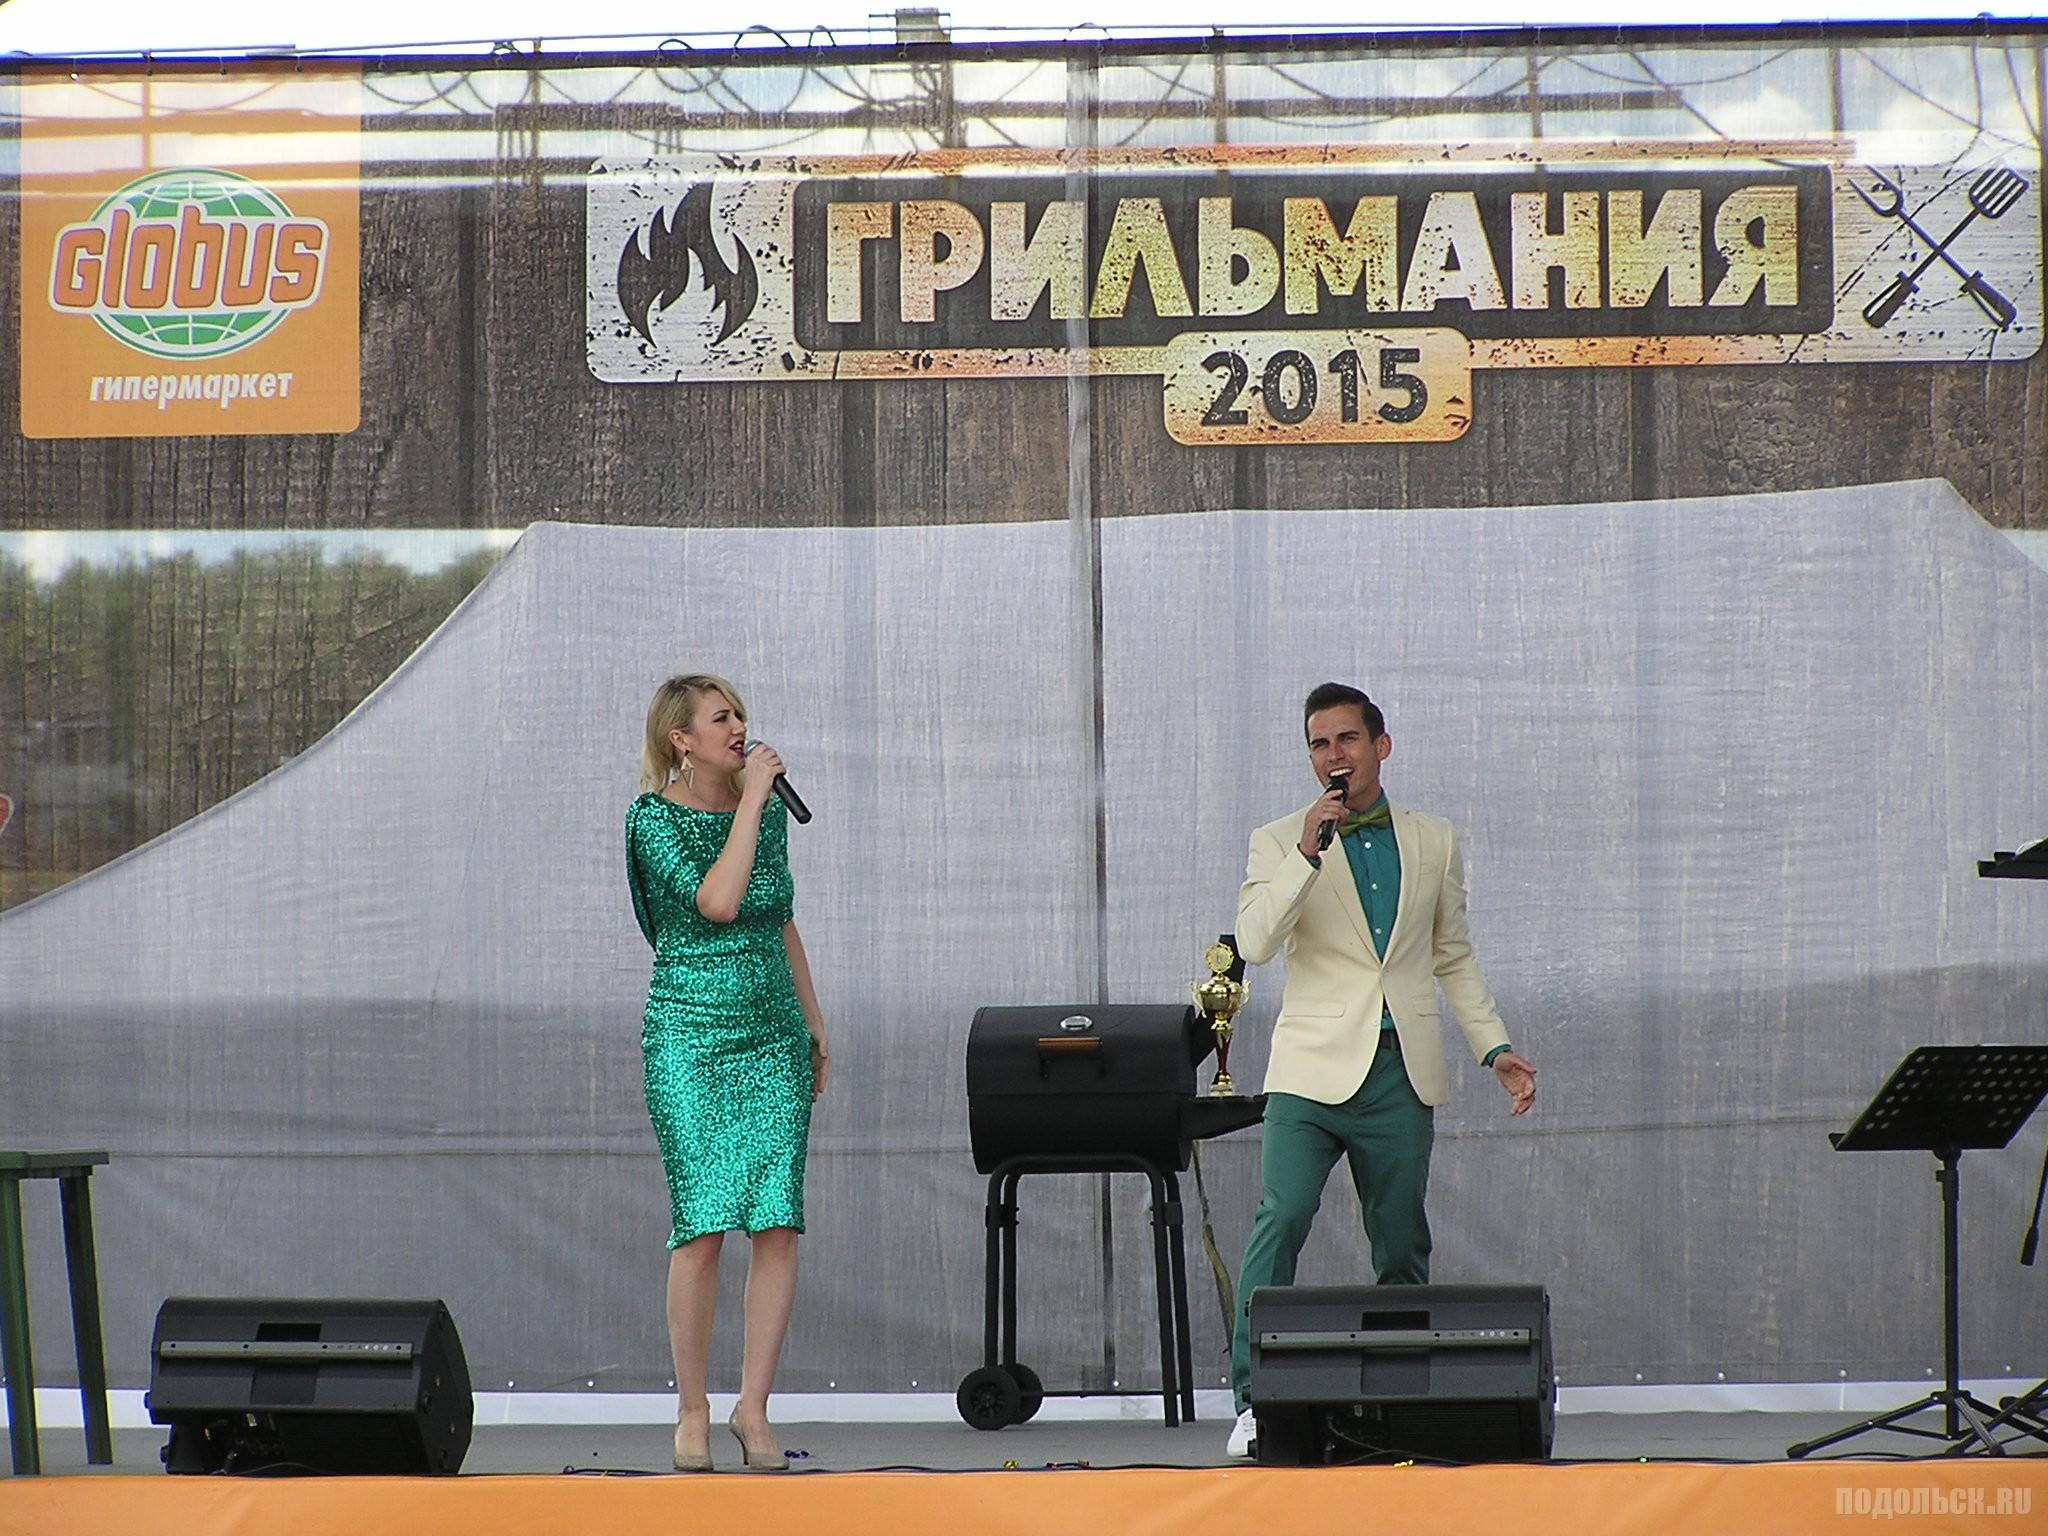 """Грильмания в Климовске, 11 июля 2015 г. Группа """"Кристалл""""."""